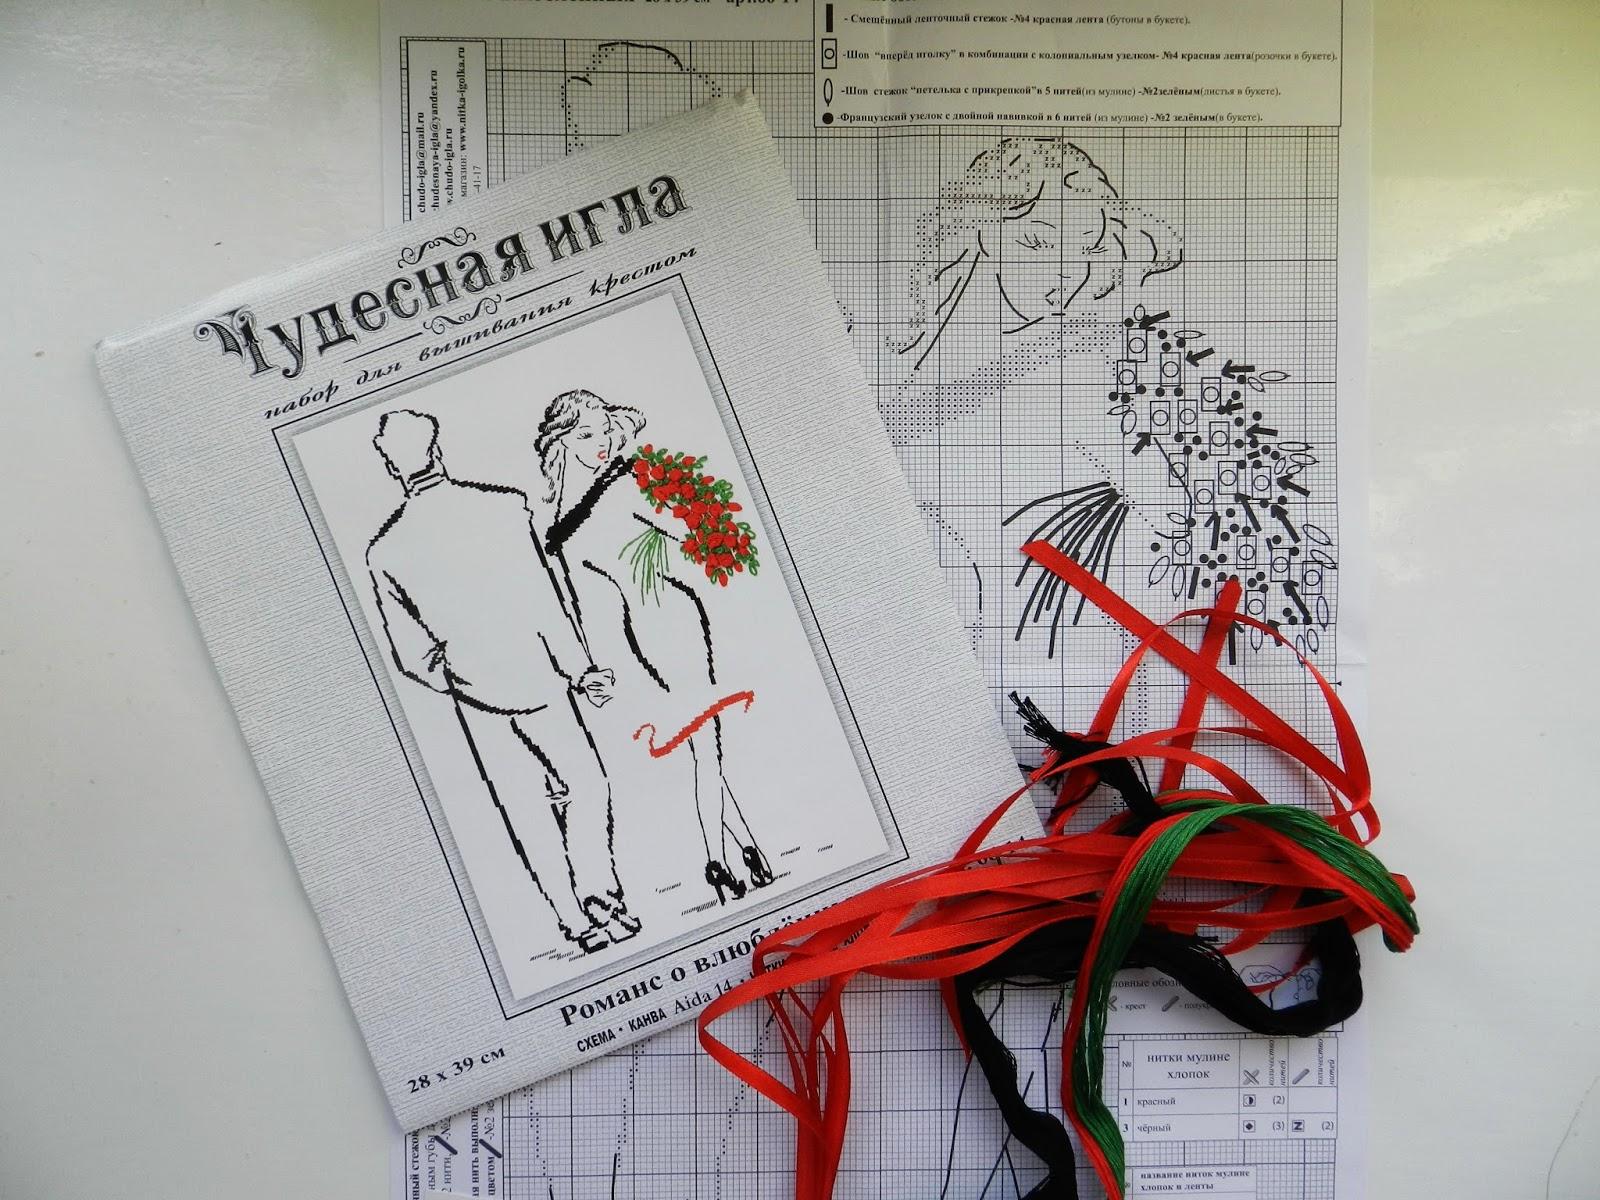 Романс о влюбленных вышивка готовая работа - Венок изобилия